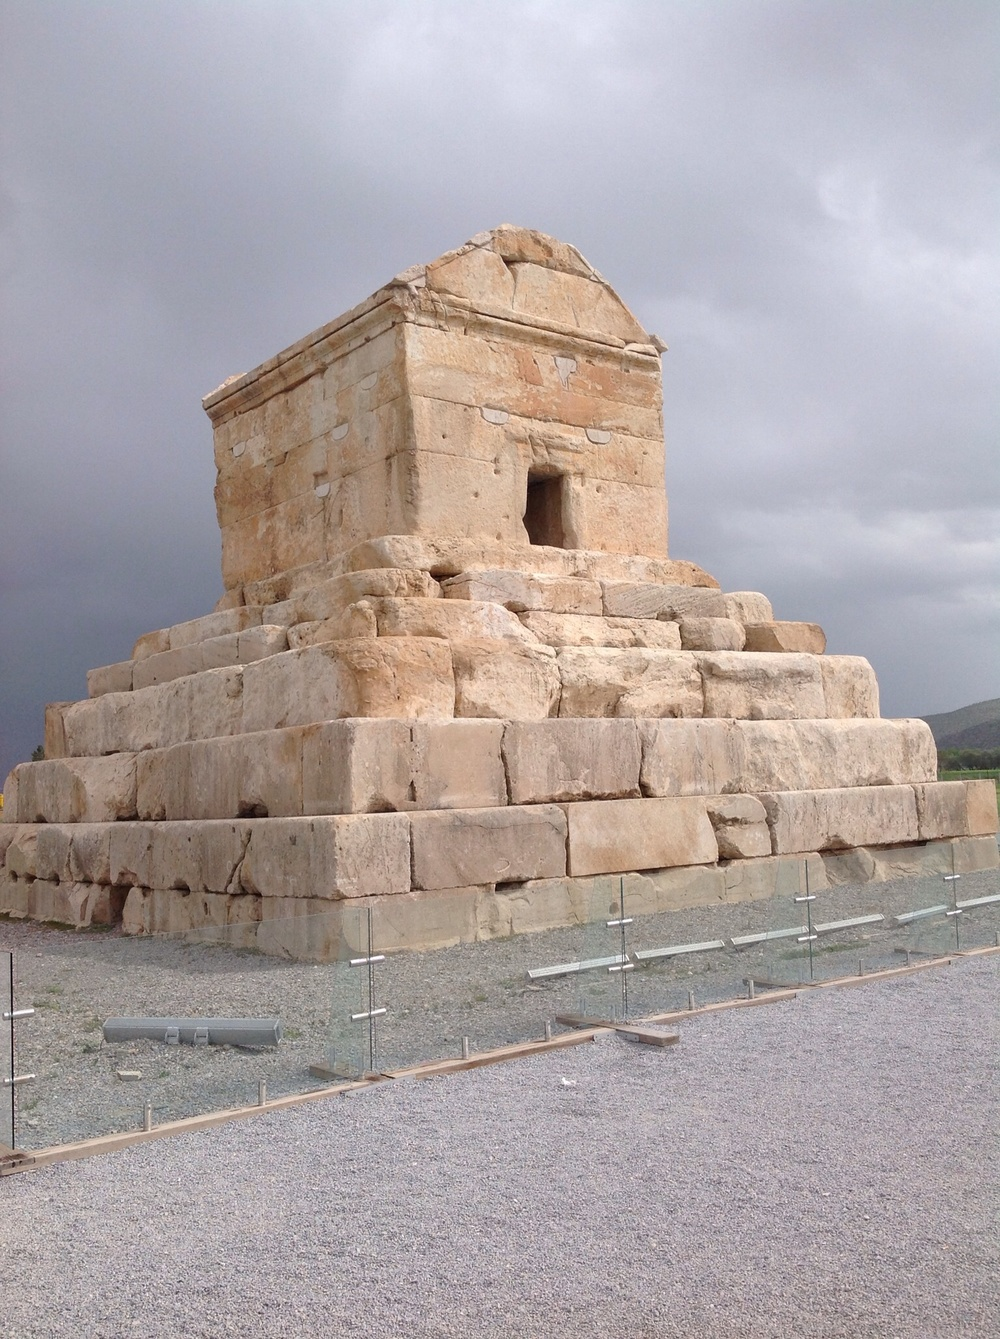 Cyrus Tomb, Shiraz Iran, April 2014